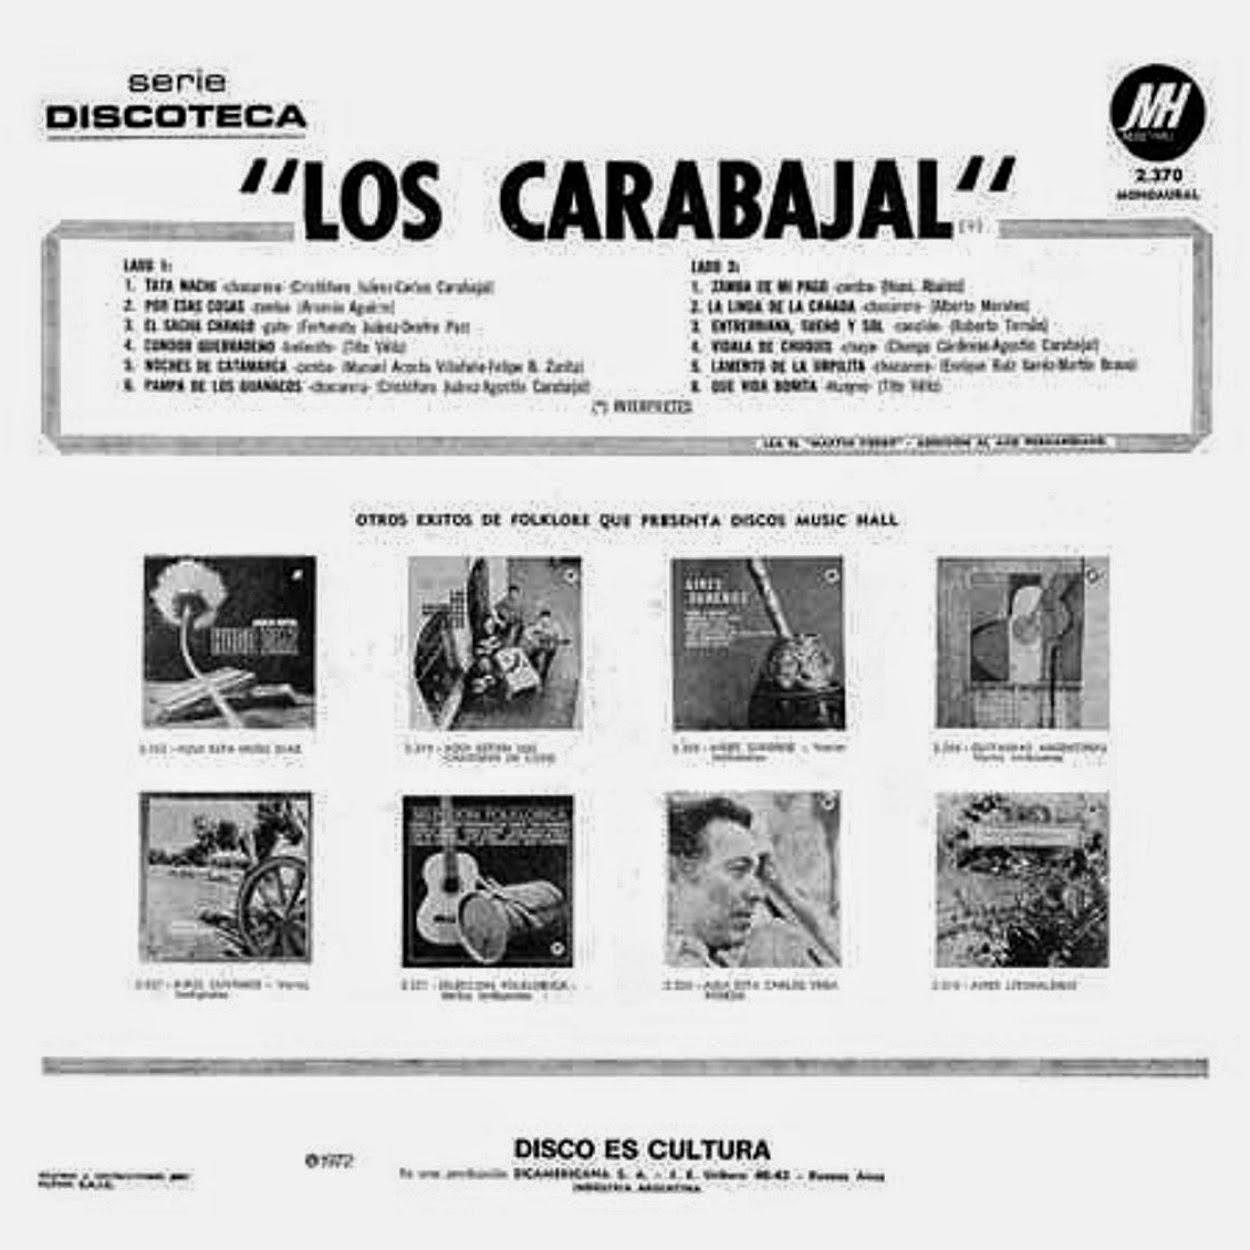 los carabajal disco 1972